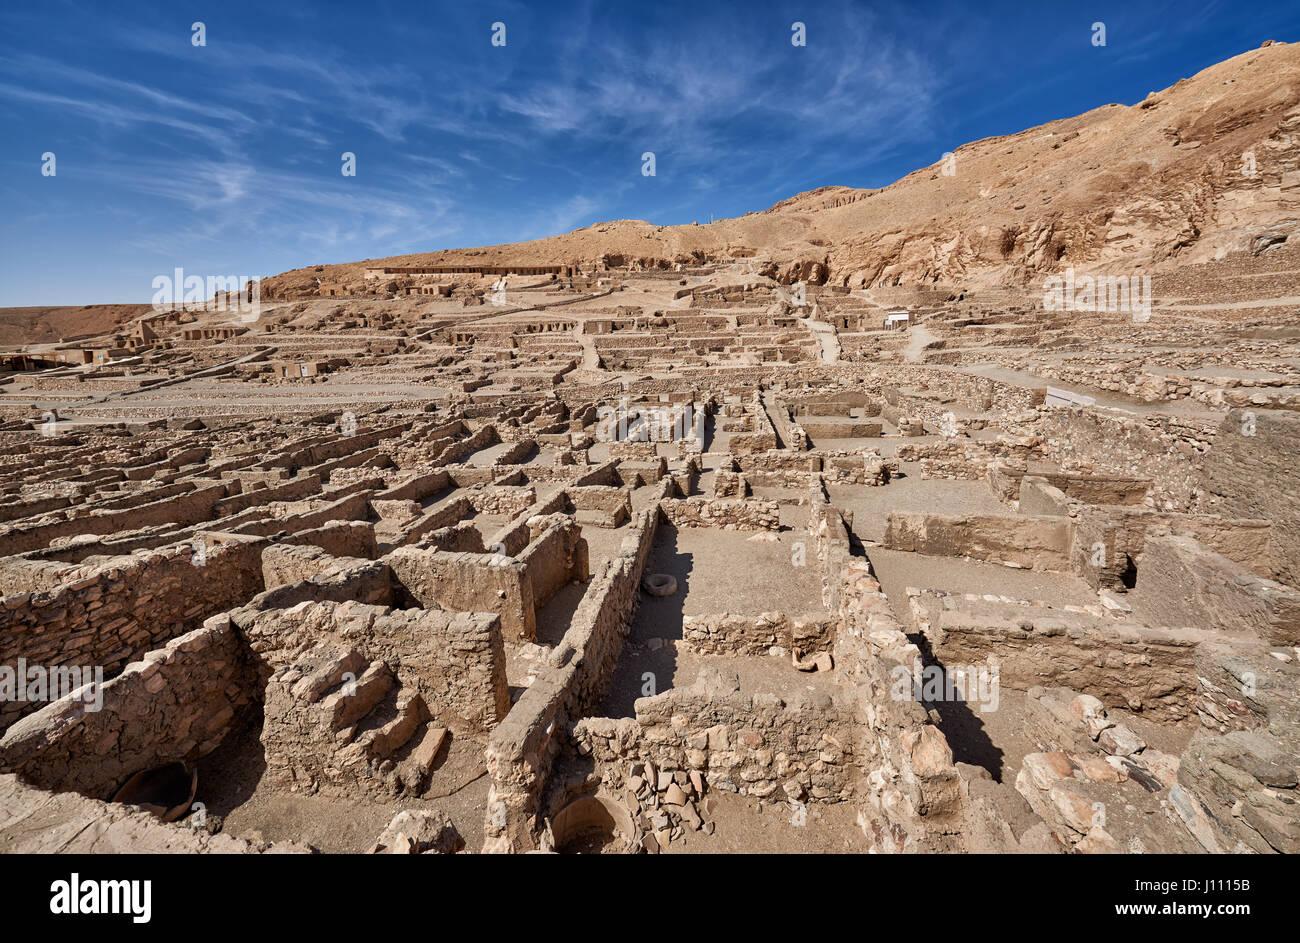 Die Handwerker deir el medina altes ägyptische dorf war heimat für die handwerker